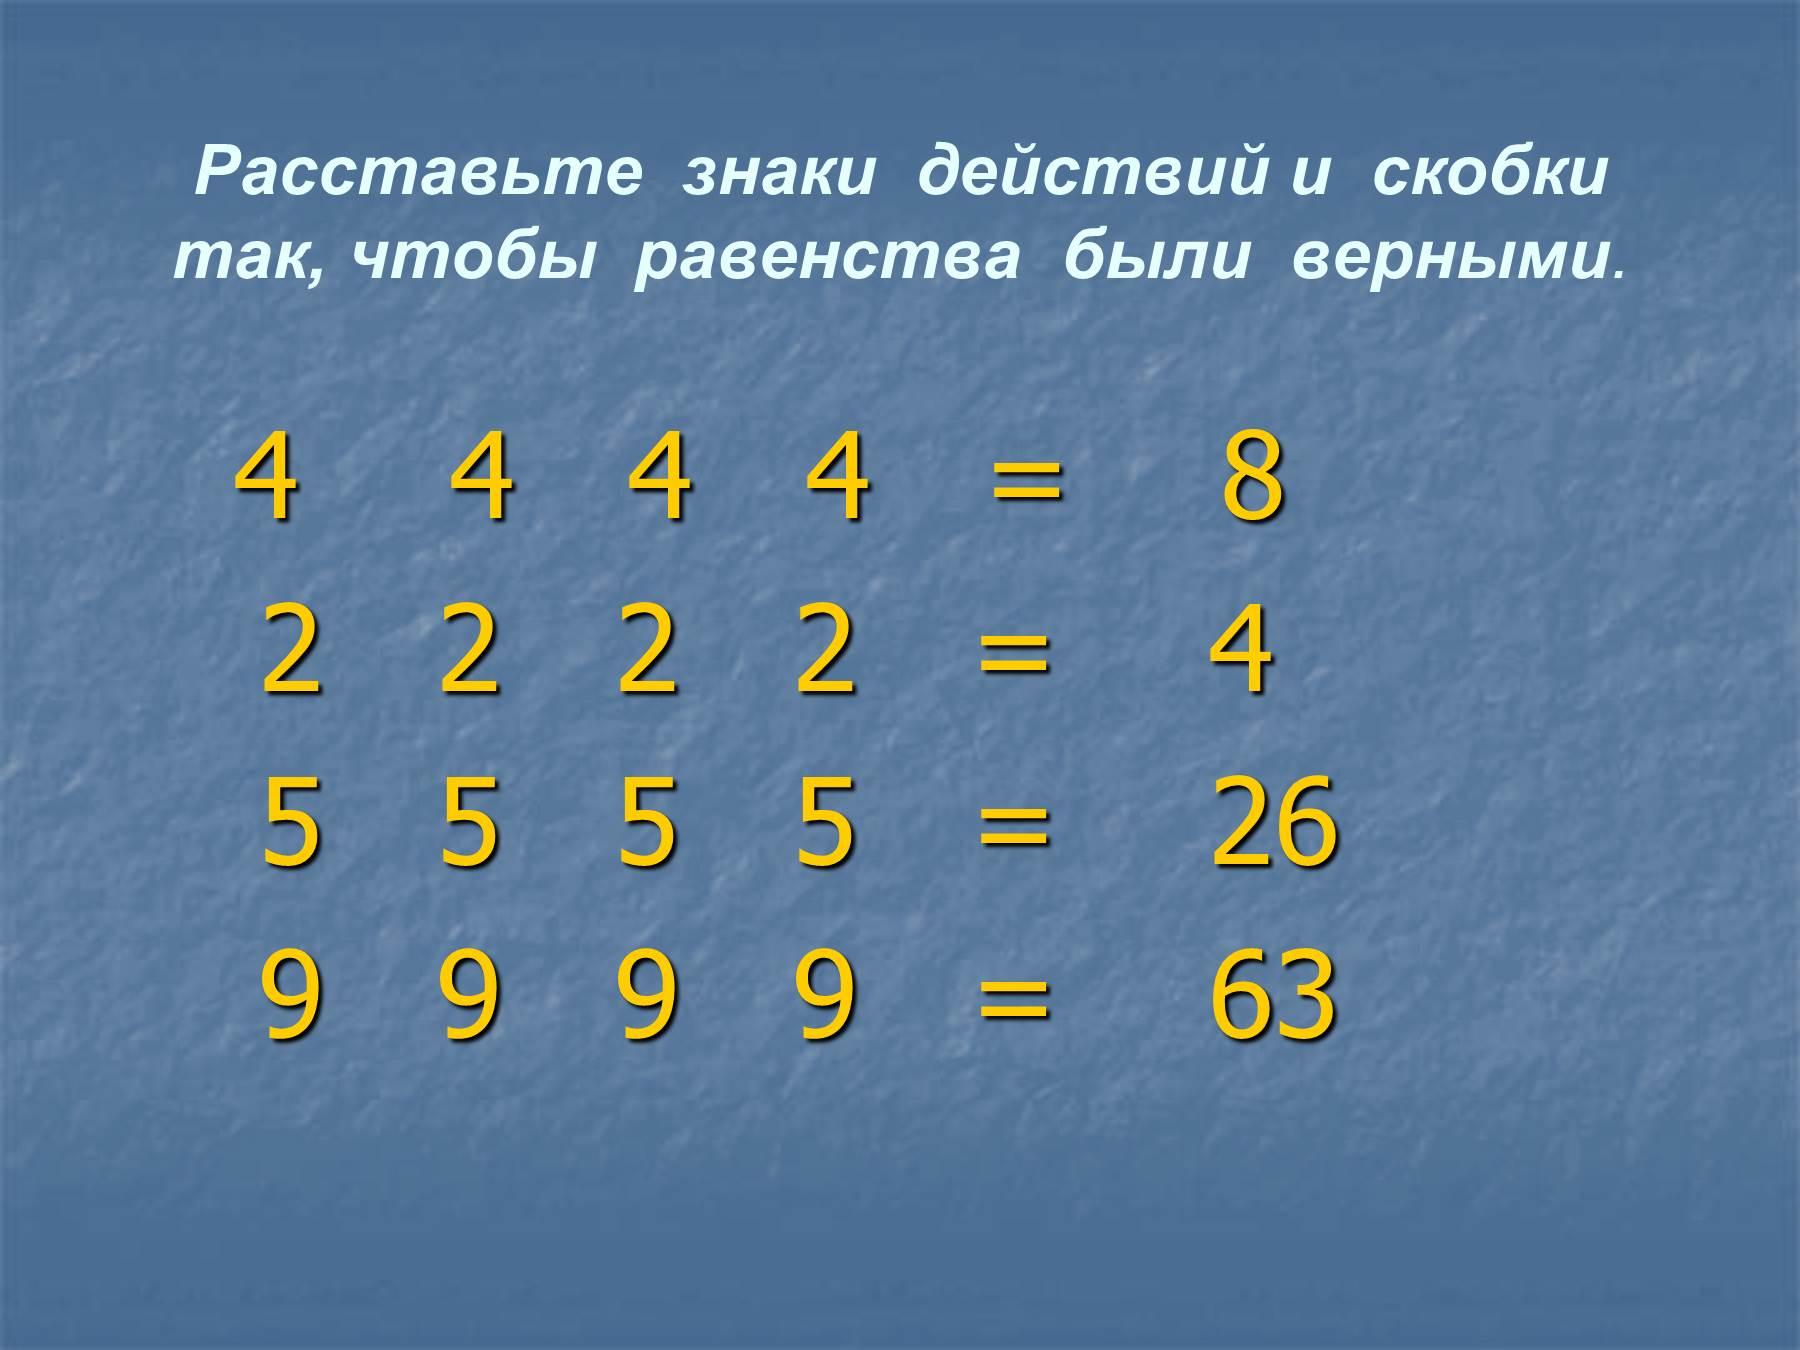 Логические задачи с цифрами и картинками